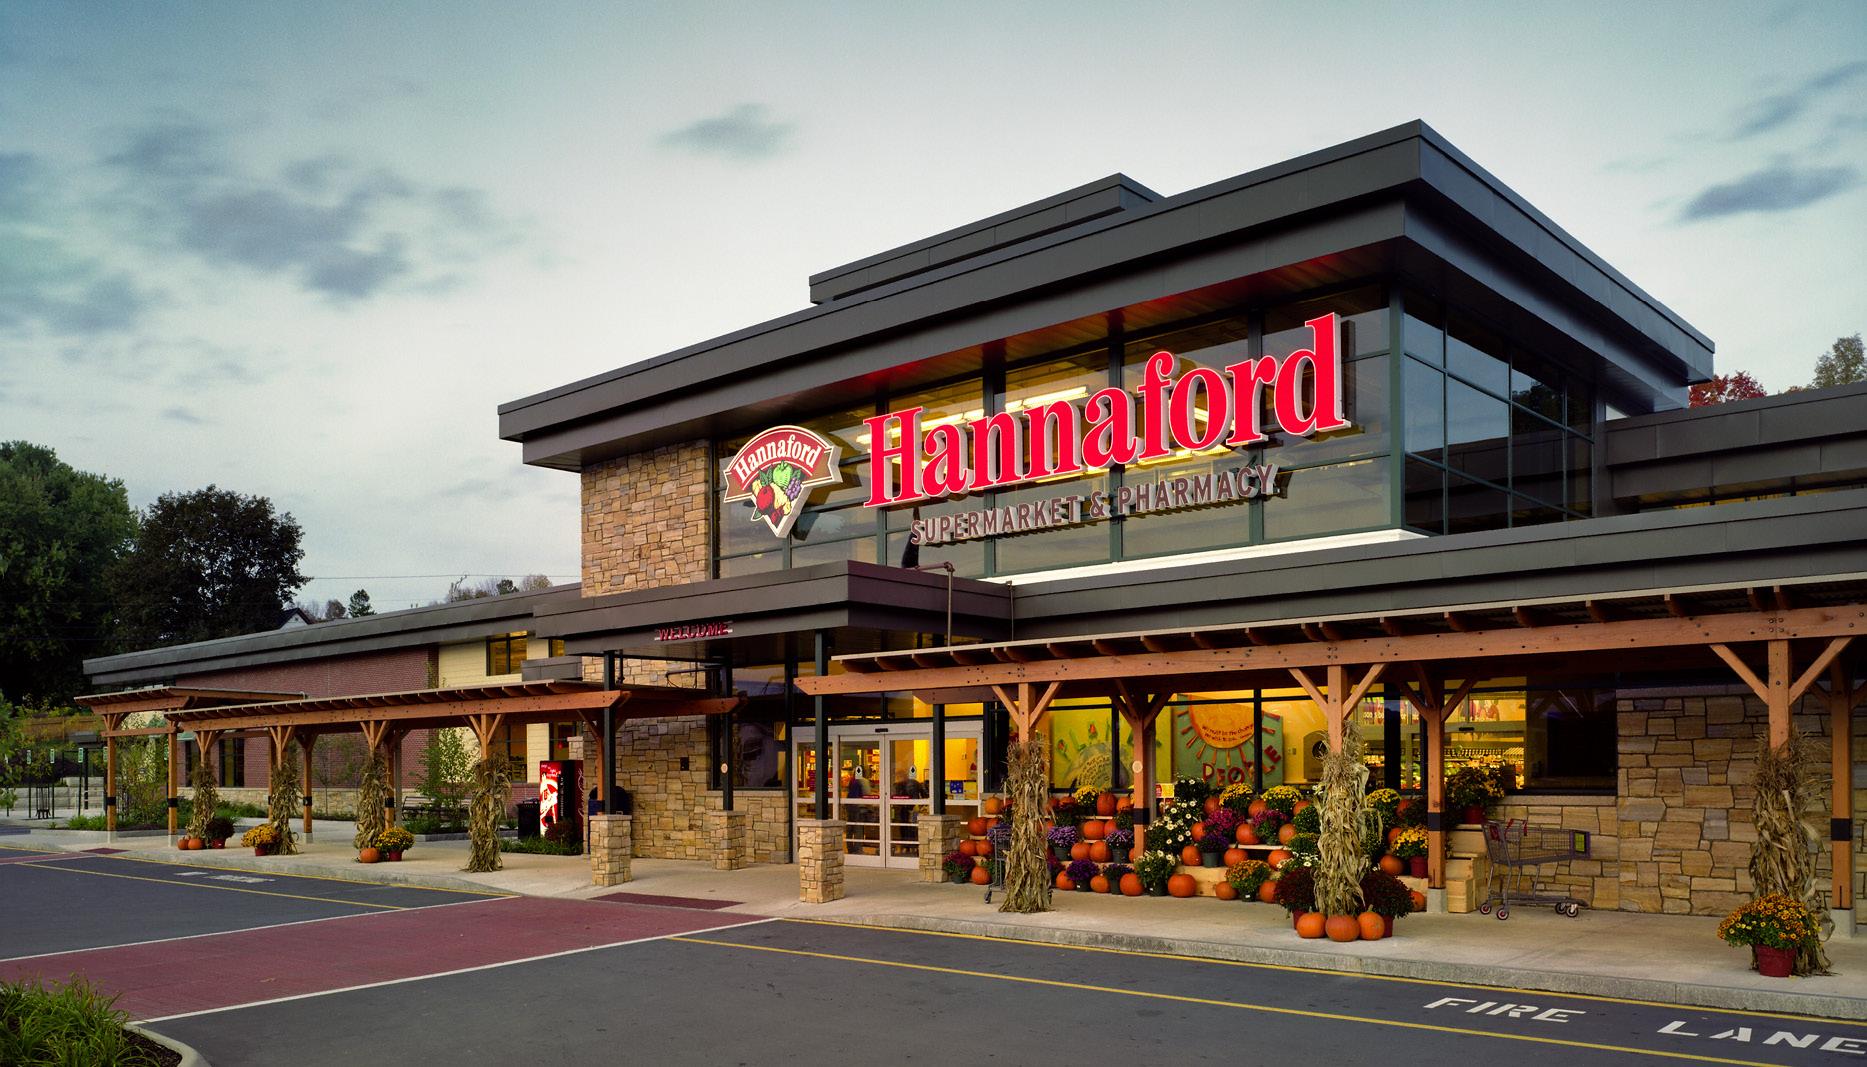 Hannaford Supermarket Augusta Wbrc Architects Engineers